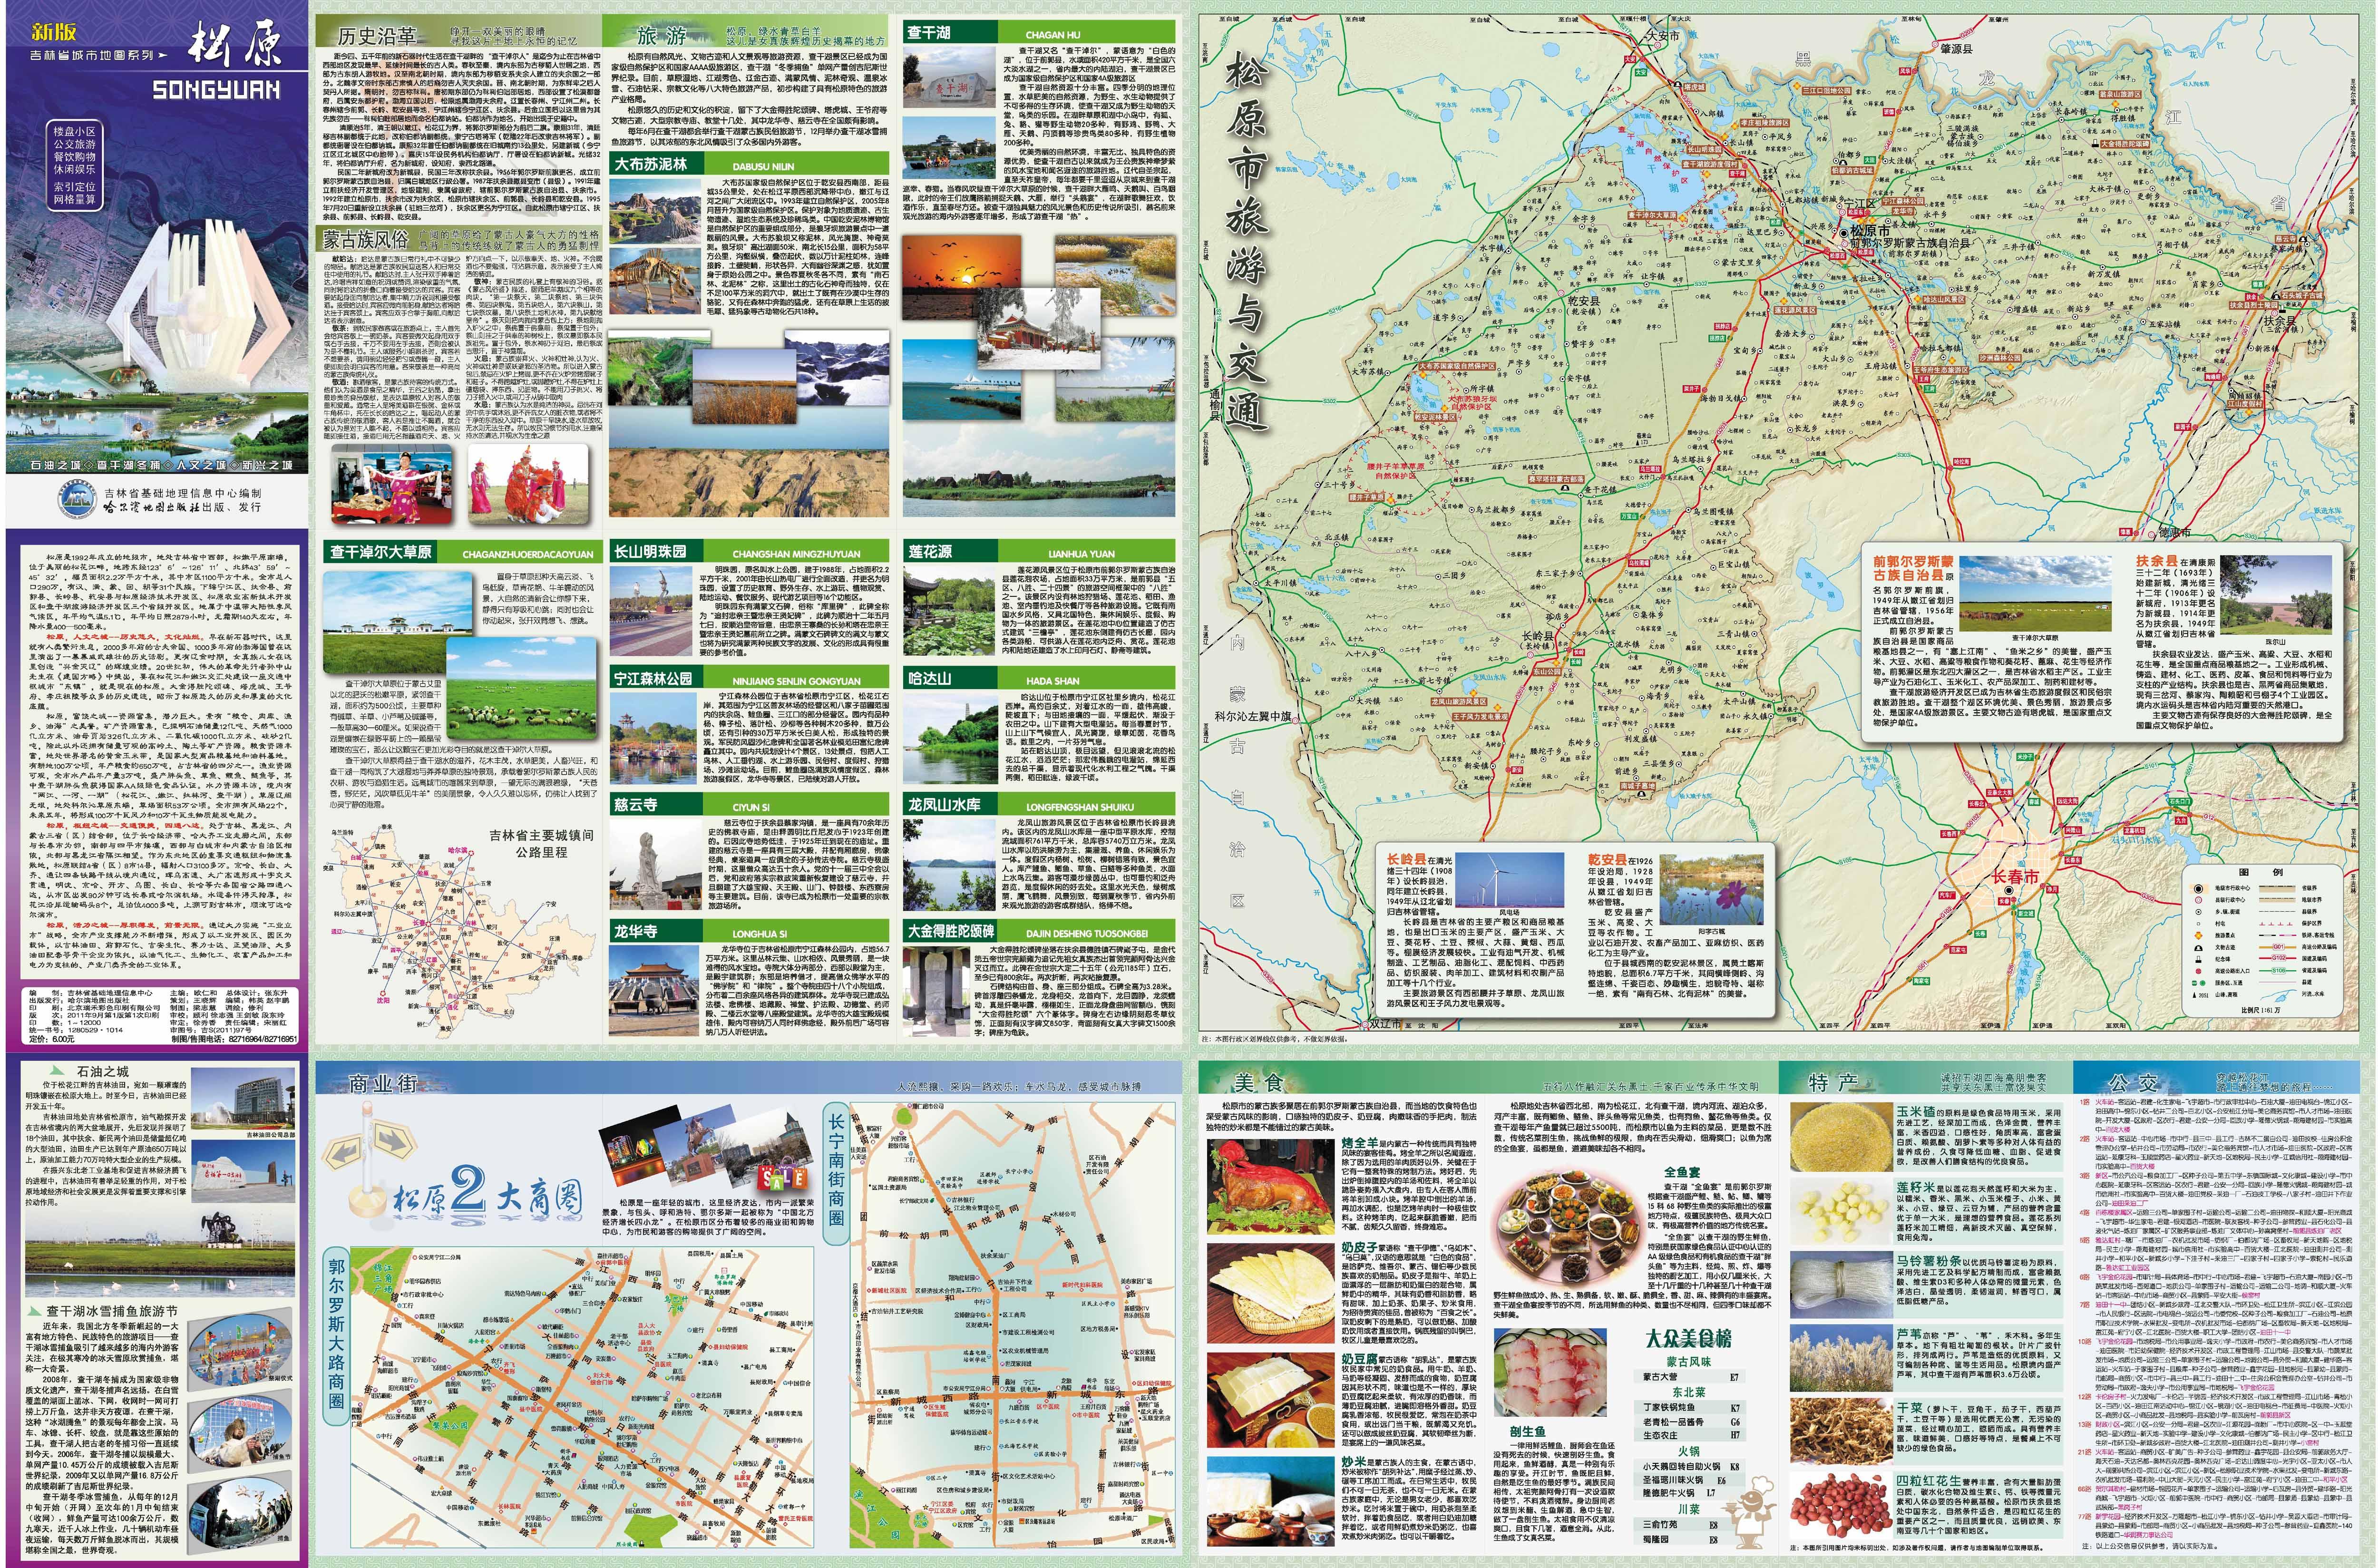 松原市旅游地图高清版大图